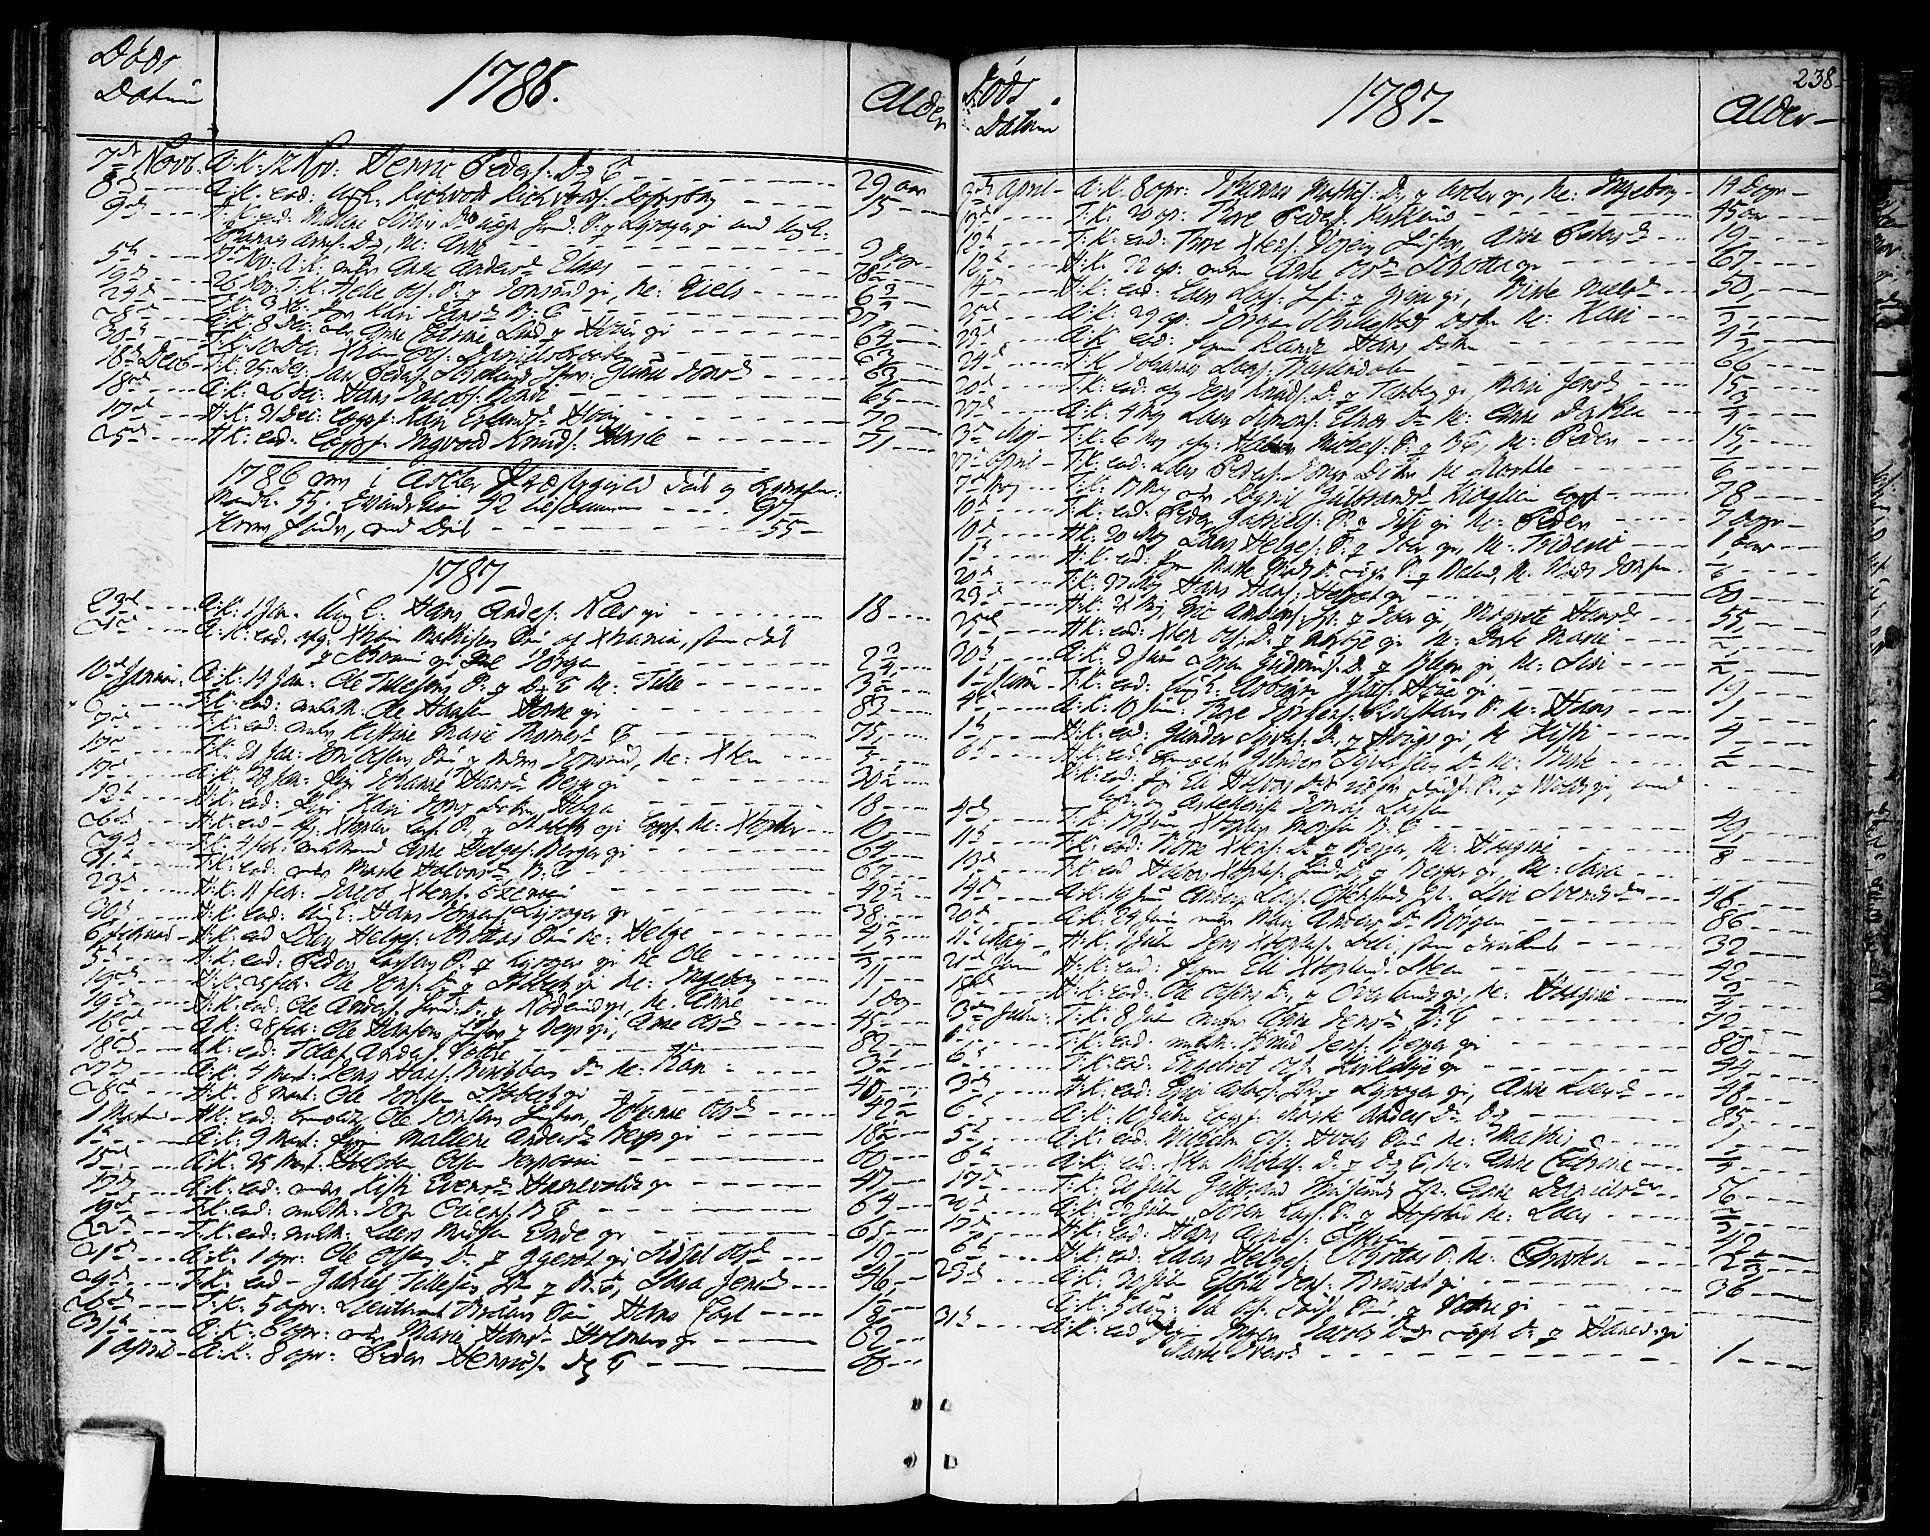 SAO, Asker prestekontor Kirkebøker, F/Fa/L0003: Ministerialbok nr. I 3, 1767-1807, s. 238